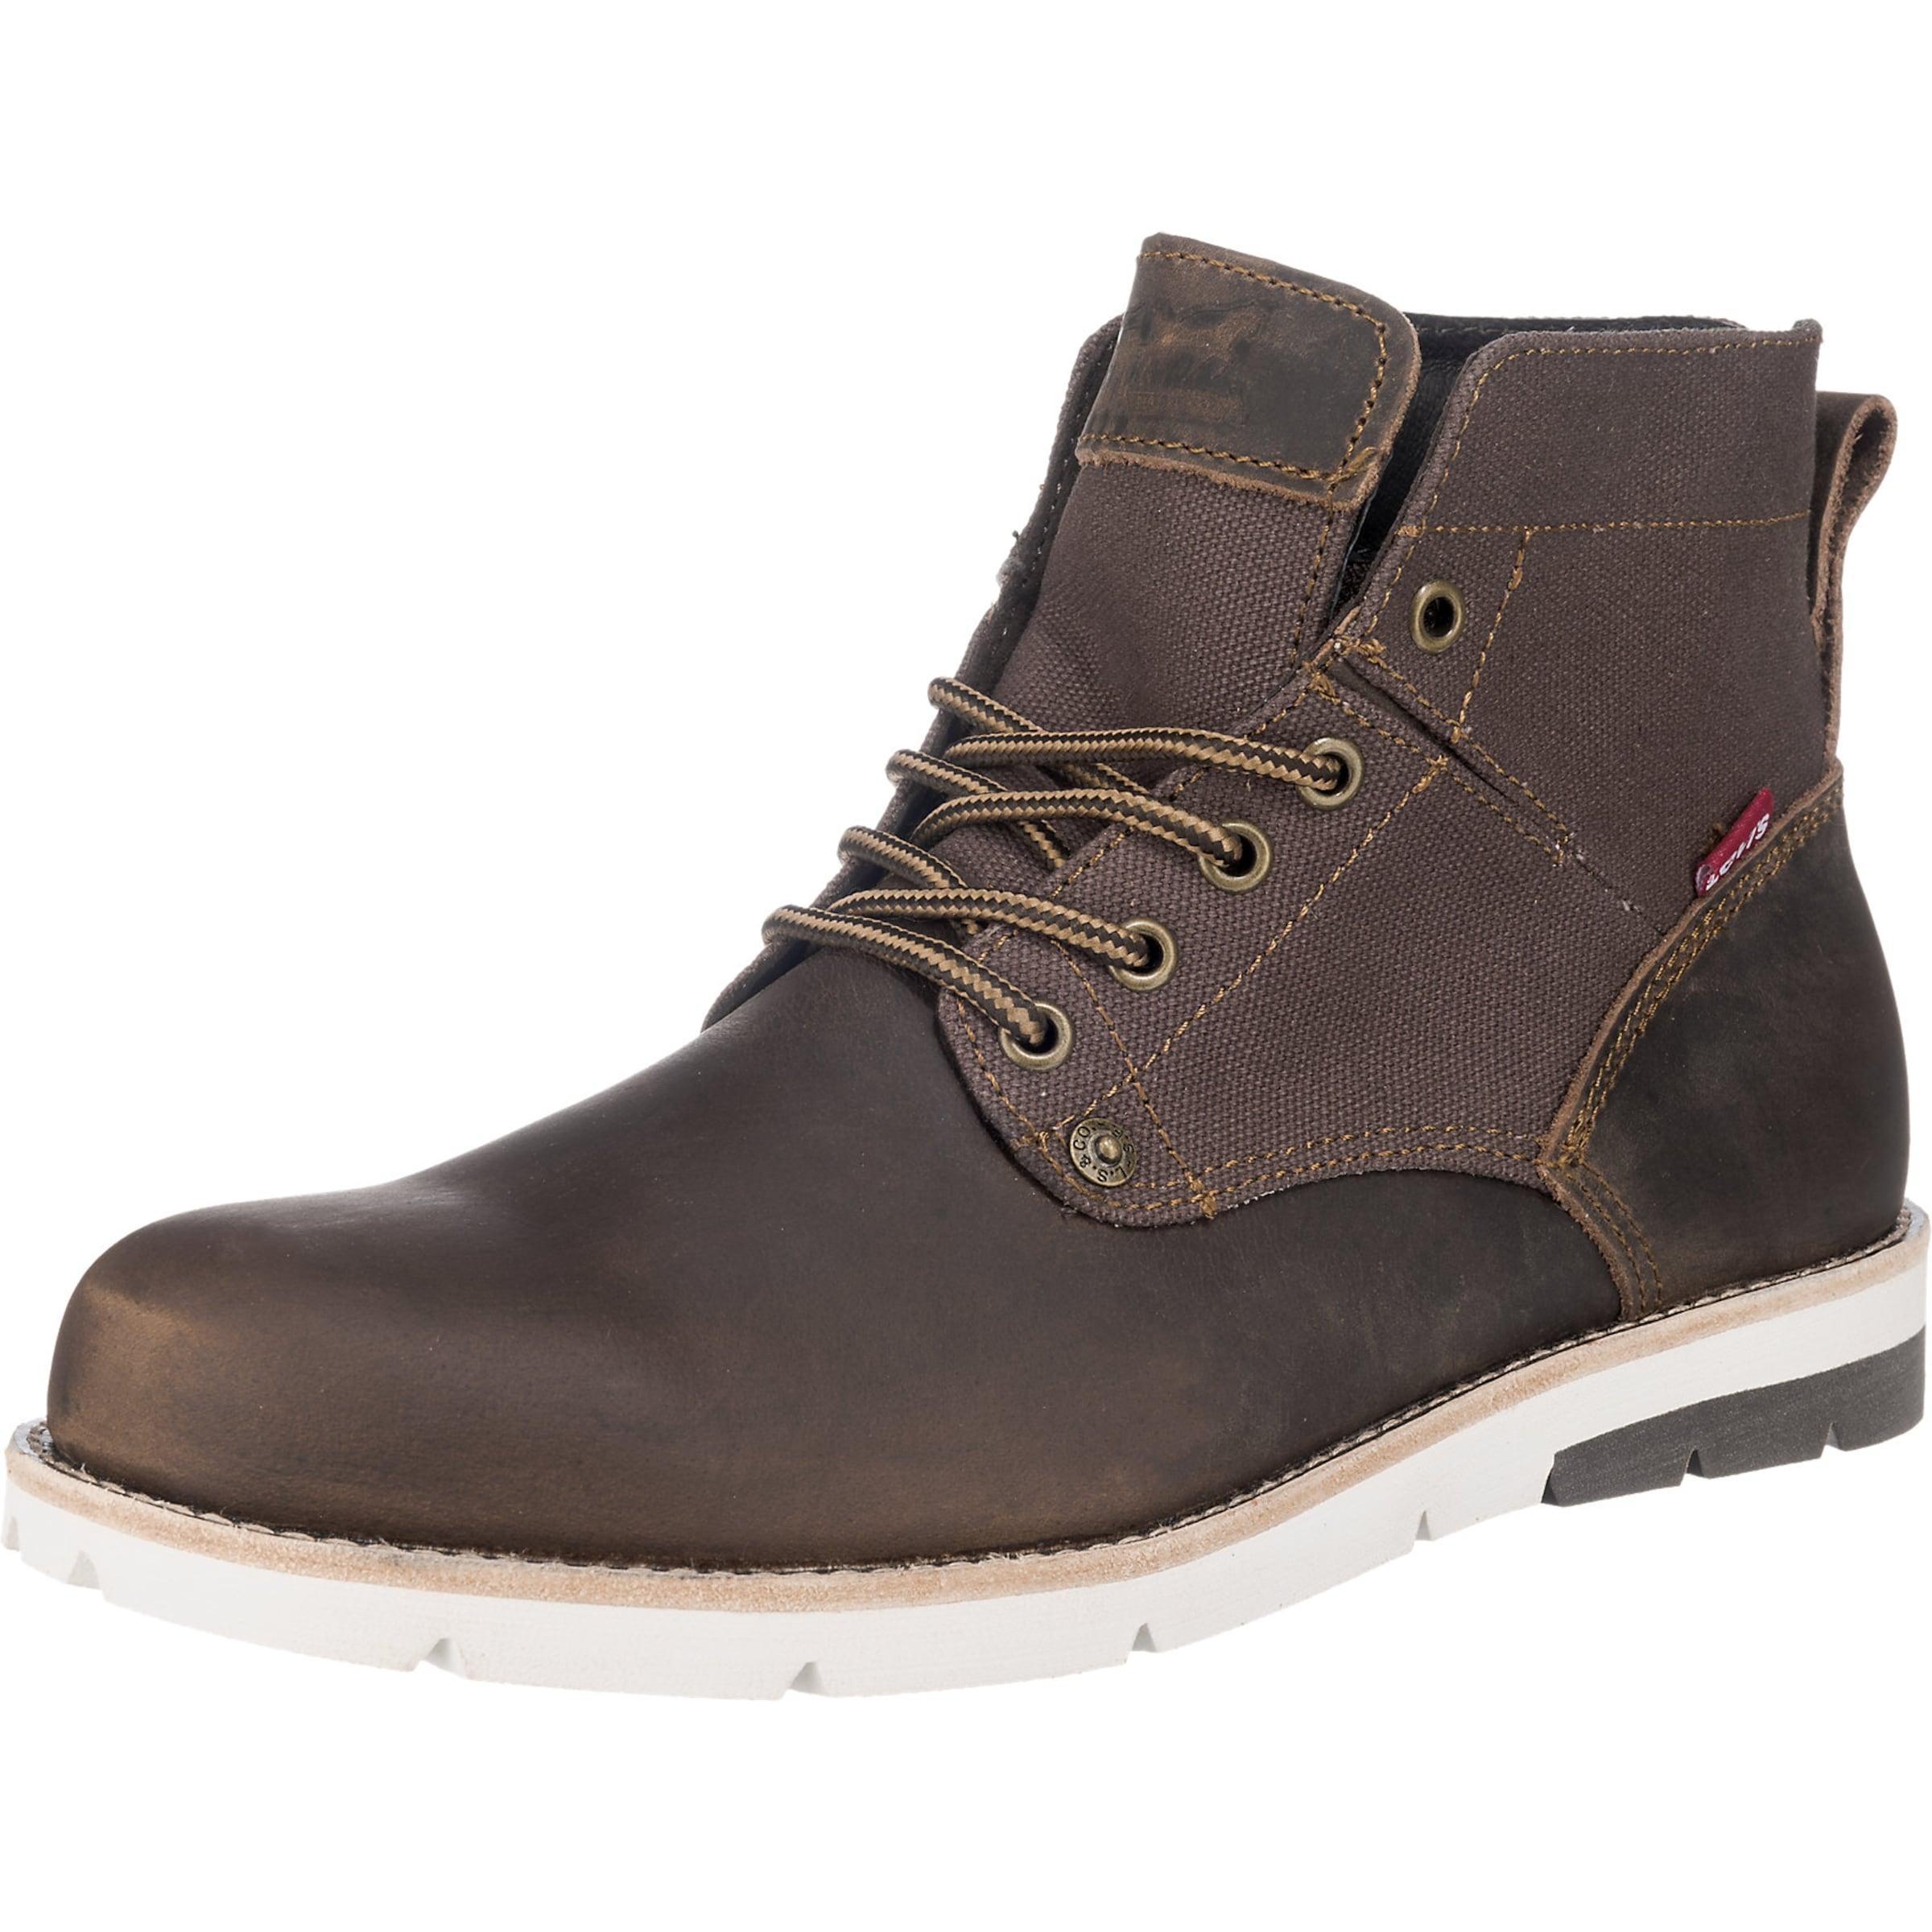 LEVI S Jax Stiefeletten Verschleißfeste billige Schuhe